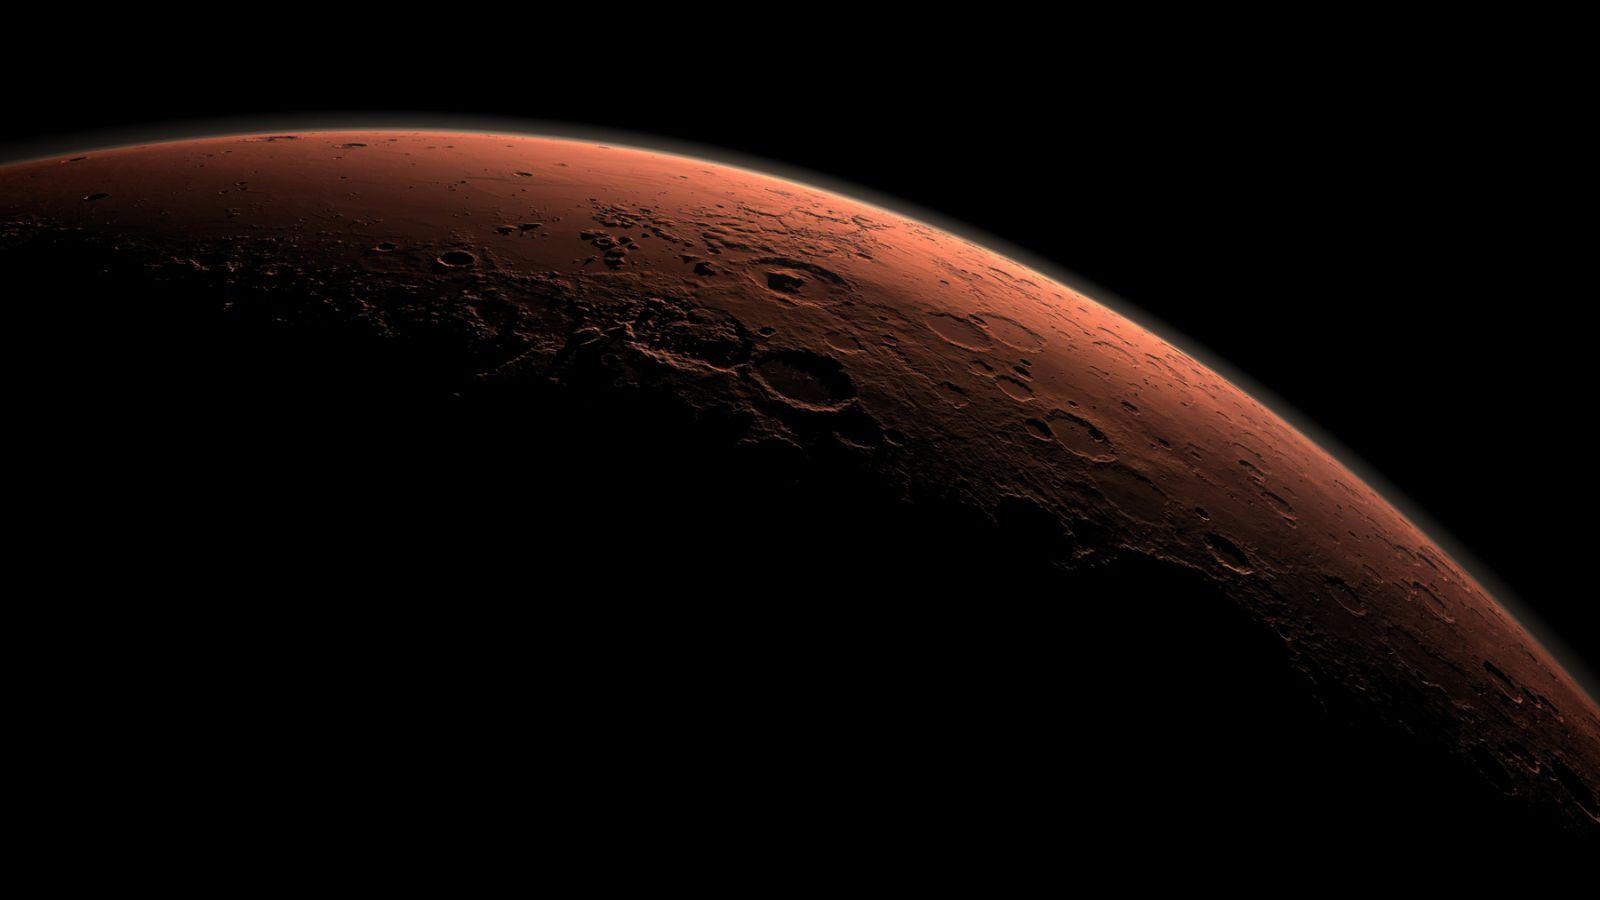 Жизнь на Марсе могла существовать в течение 700 млн лет